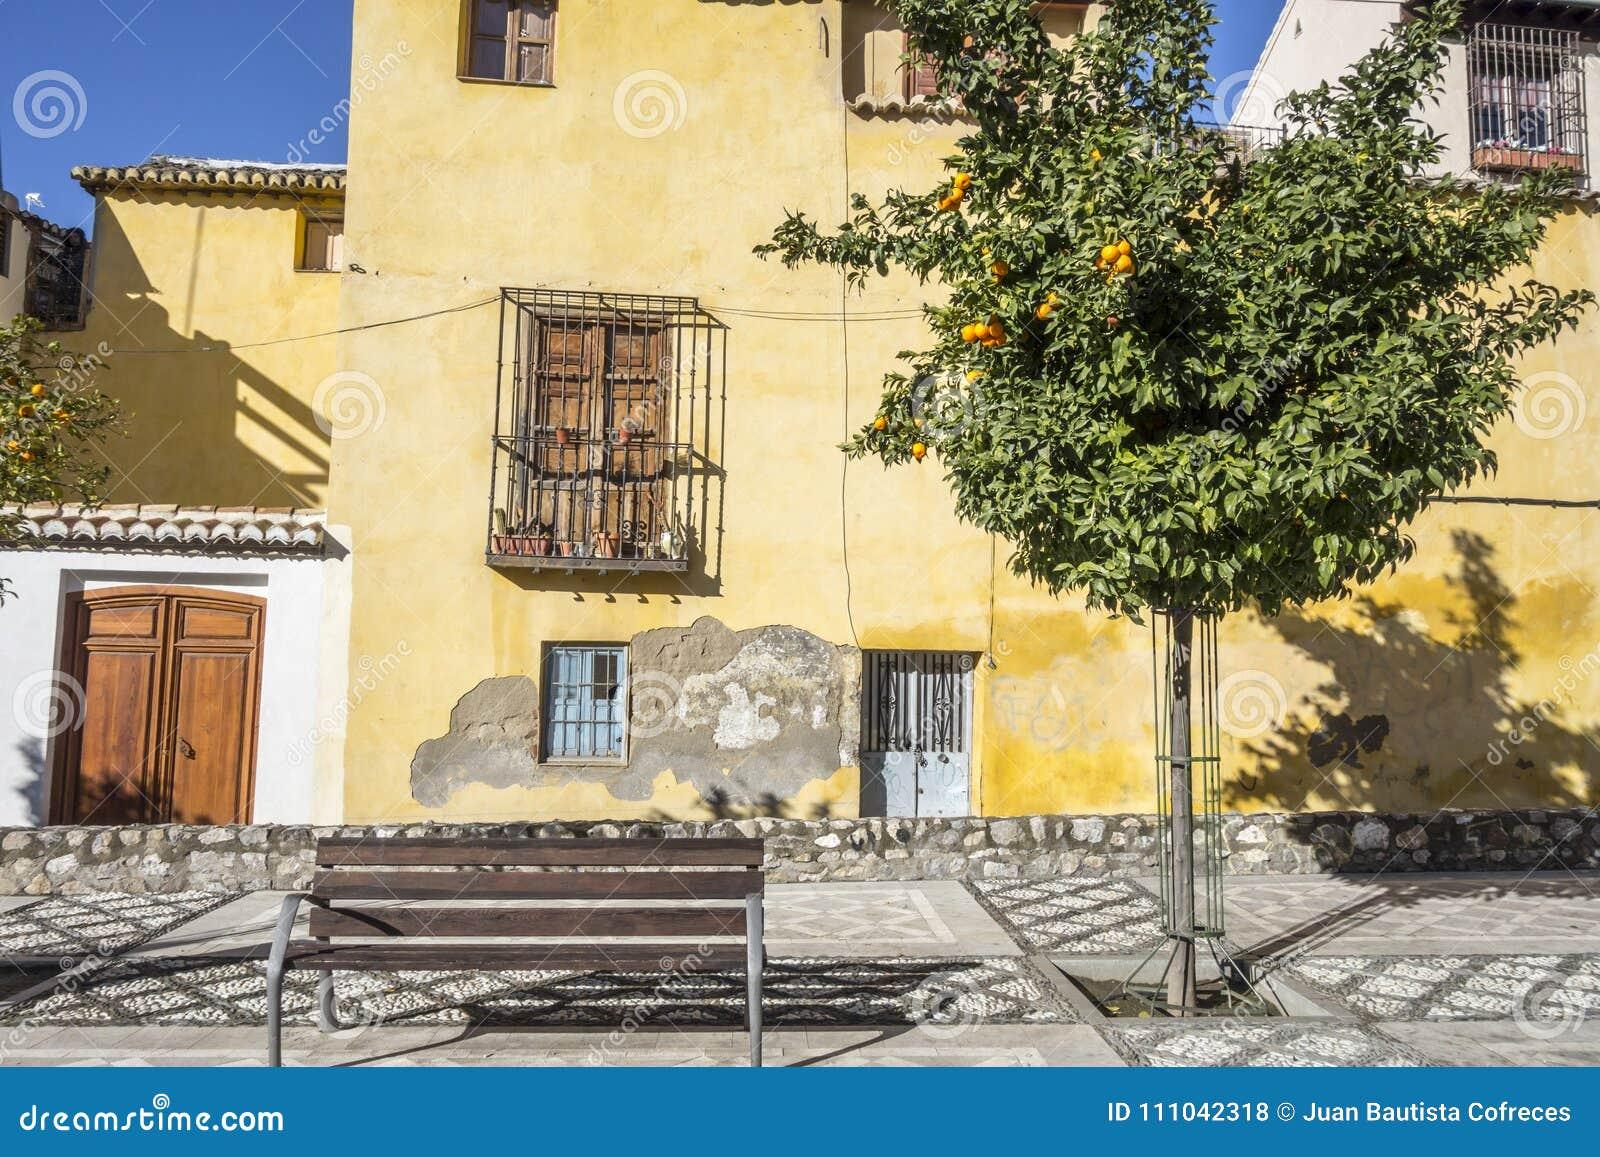 Historische Mitte der farbigen und typischen Häuser von Granada, Spanien